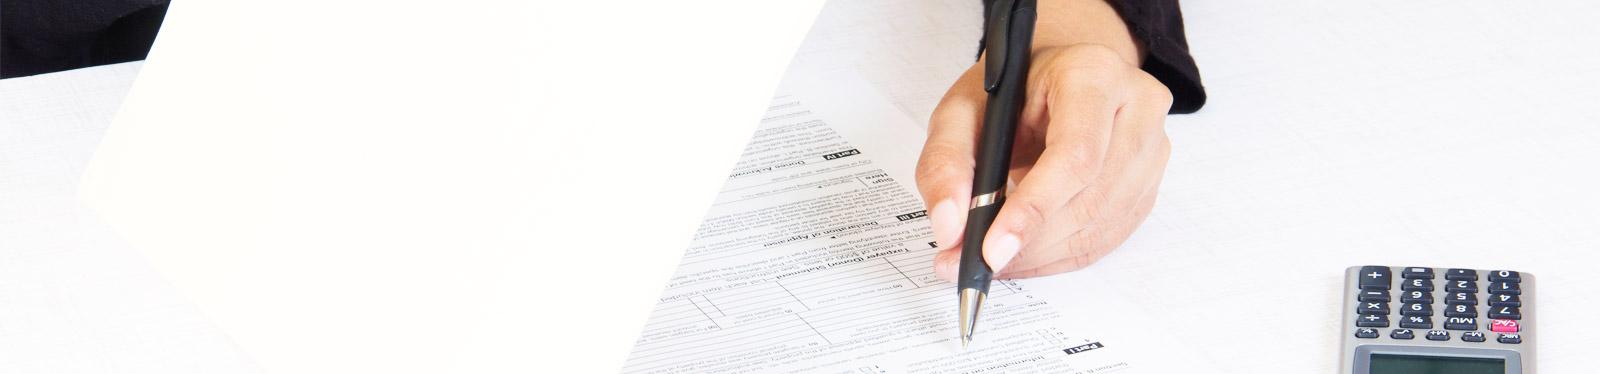 terceirizacao-analise-credito-e-fraude